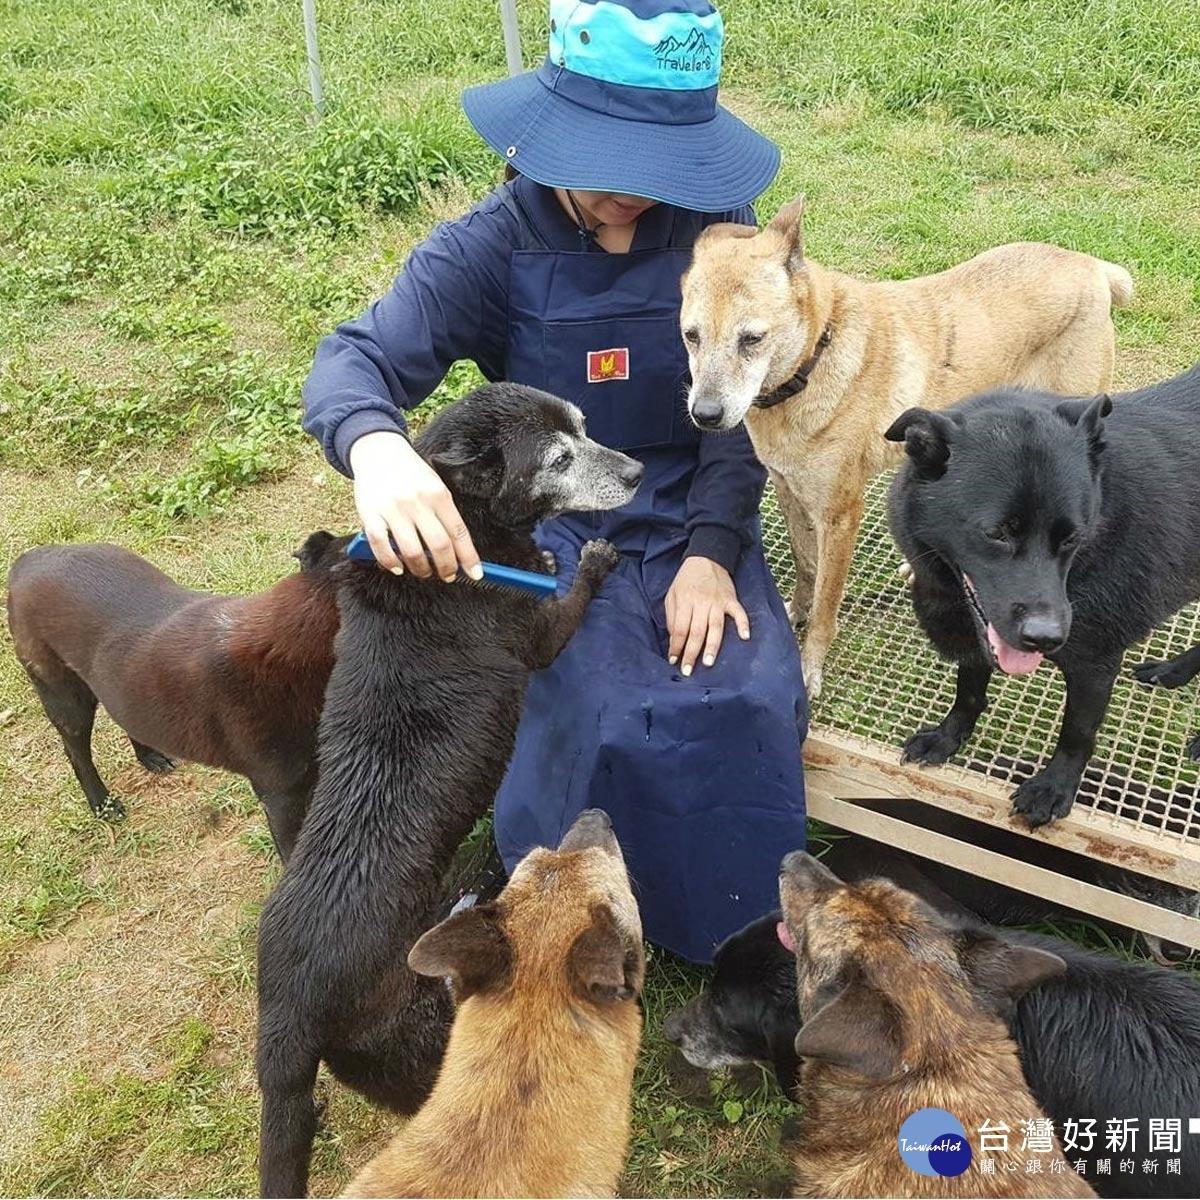 拯救台灣10萬隻流浪犬 助糧平台呼籲一起支持龐大的飼料挑戰